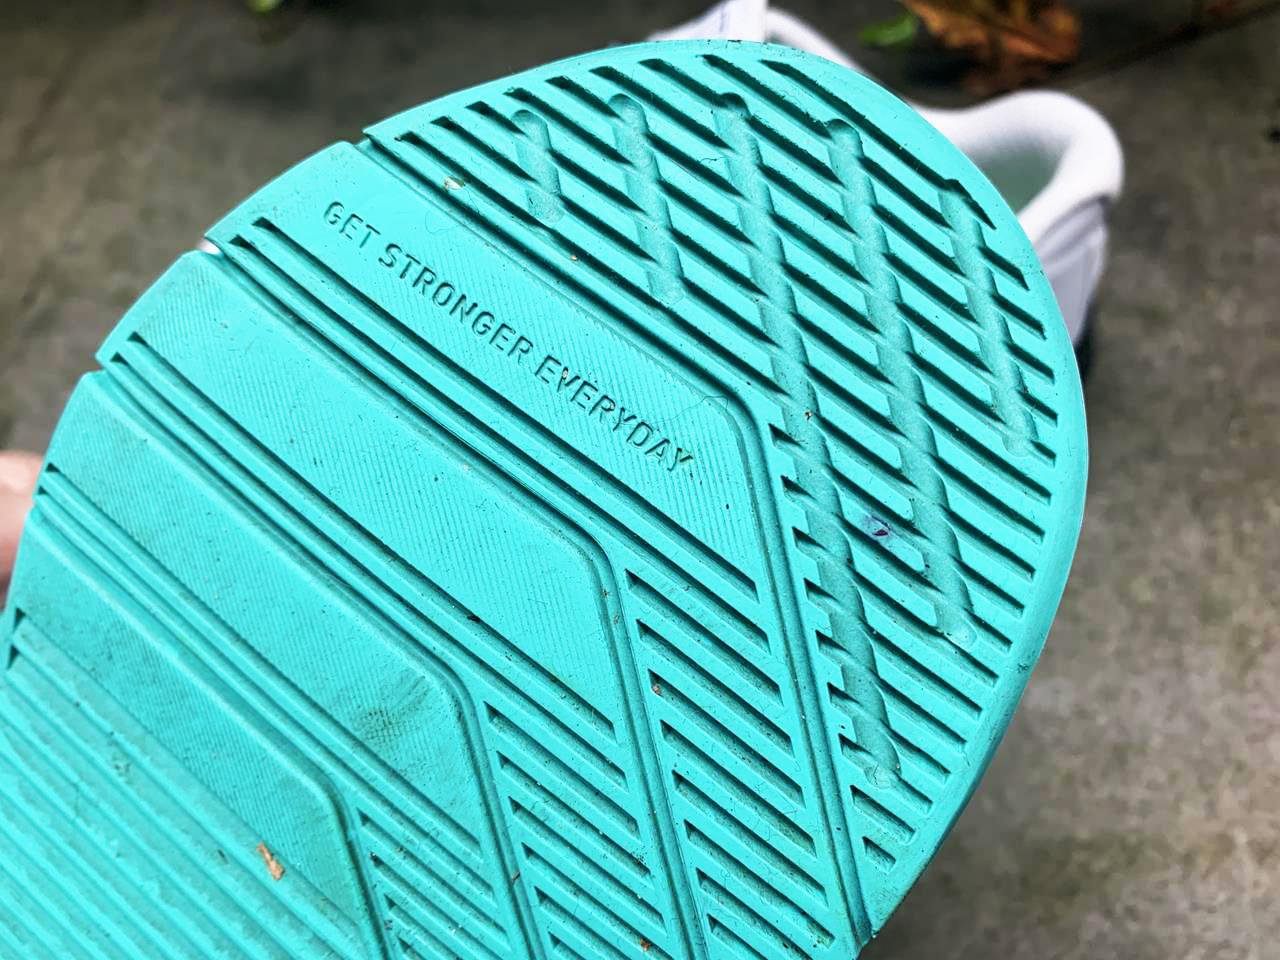 Nike Metcon 6 - Sole